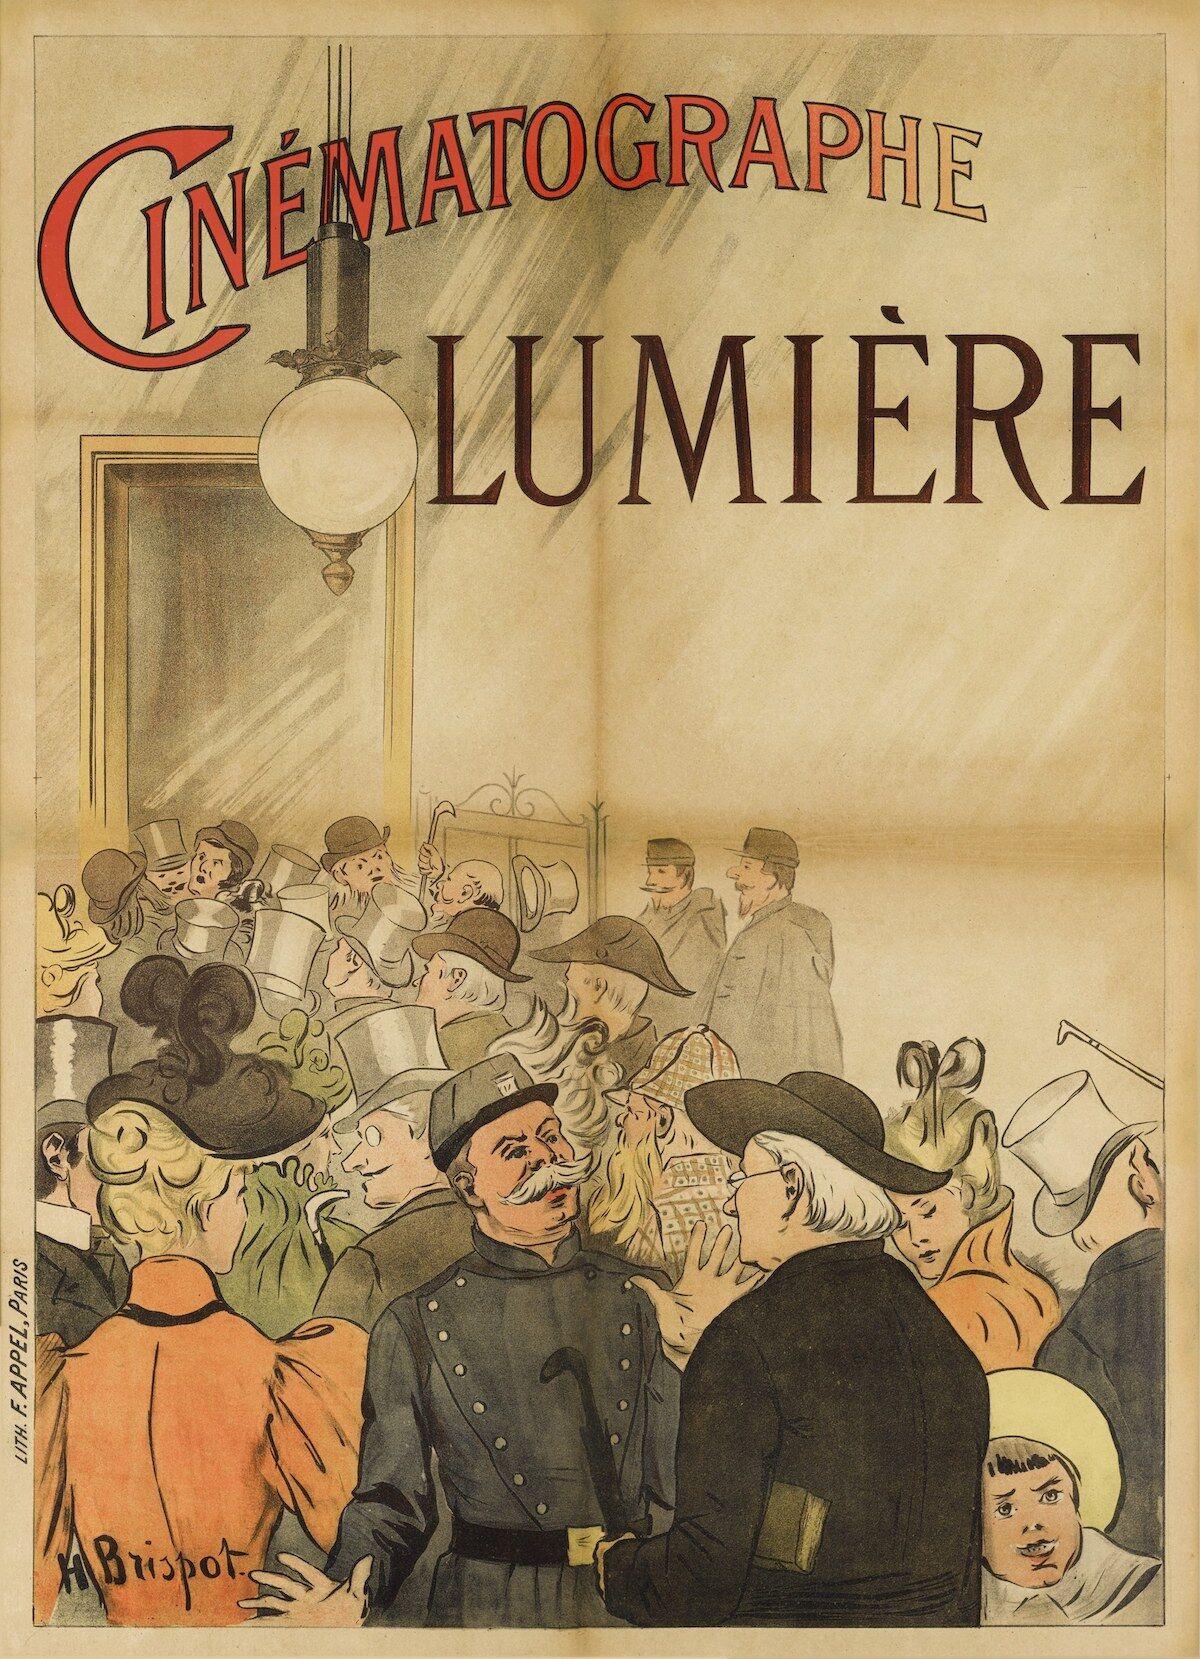 Cinématographe Lumière (1896) poster, French (est. £40,000–60,000). Courtesy Sotheby